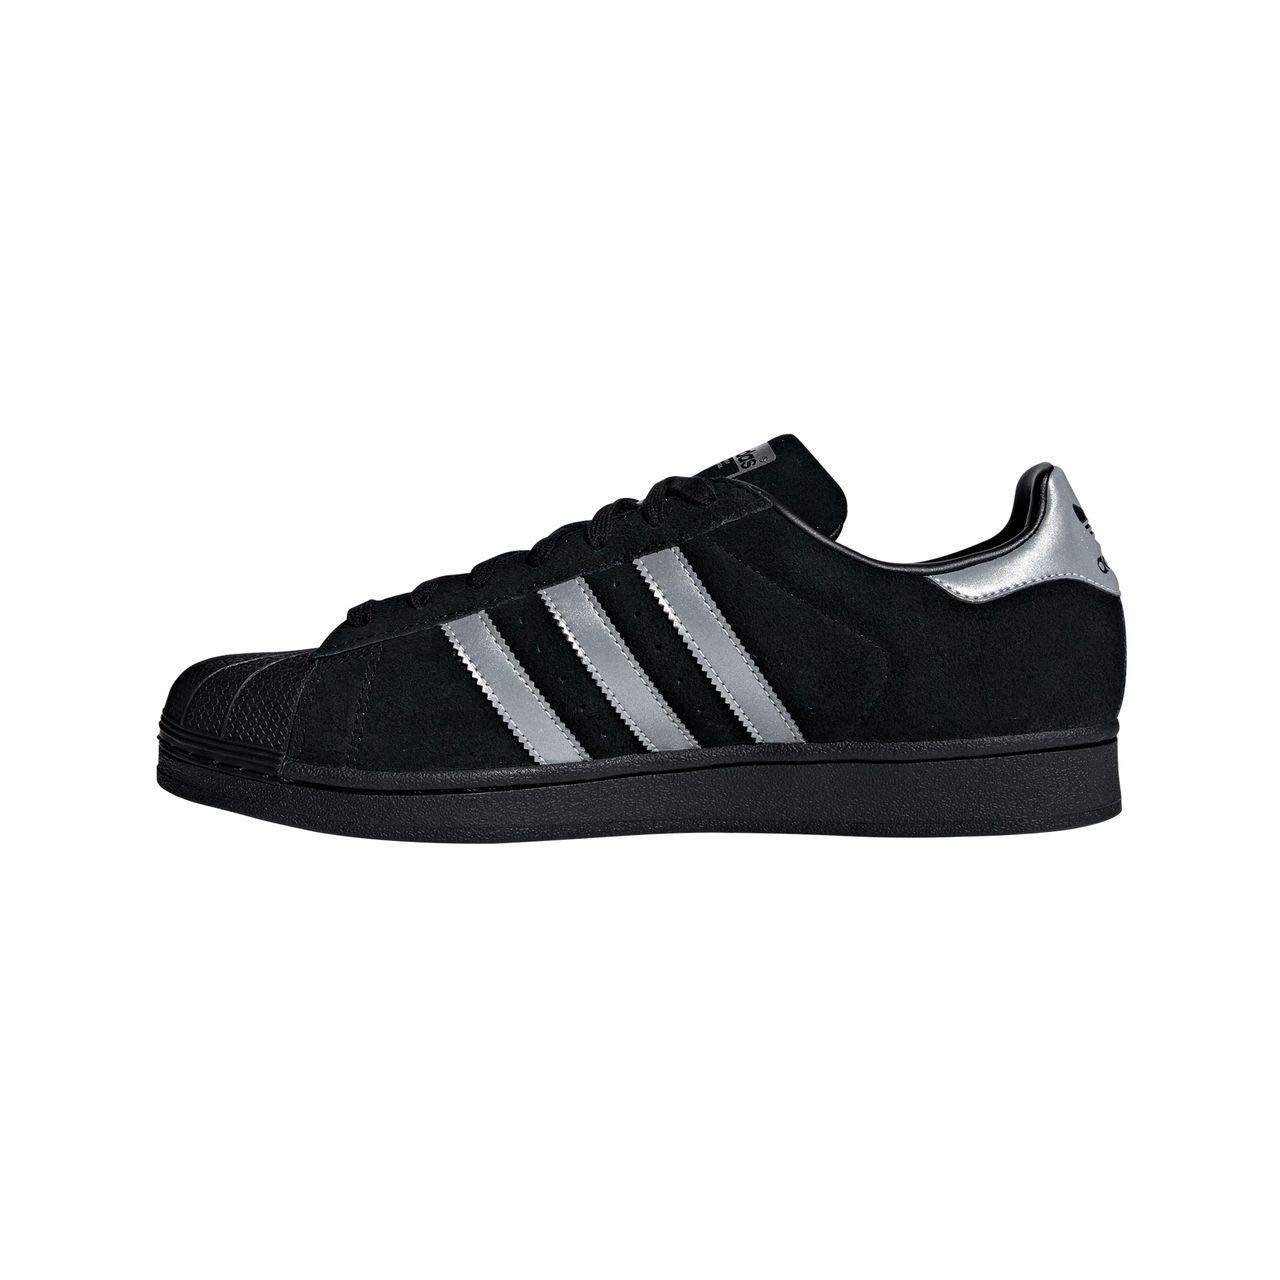 Adidas Superstar schwarz Supplier Colour schwarz 45